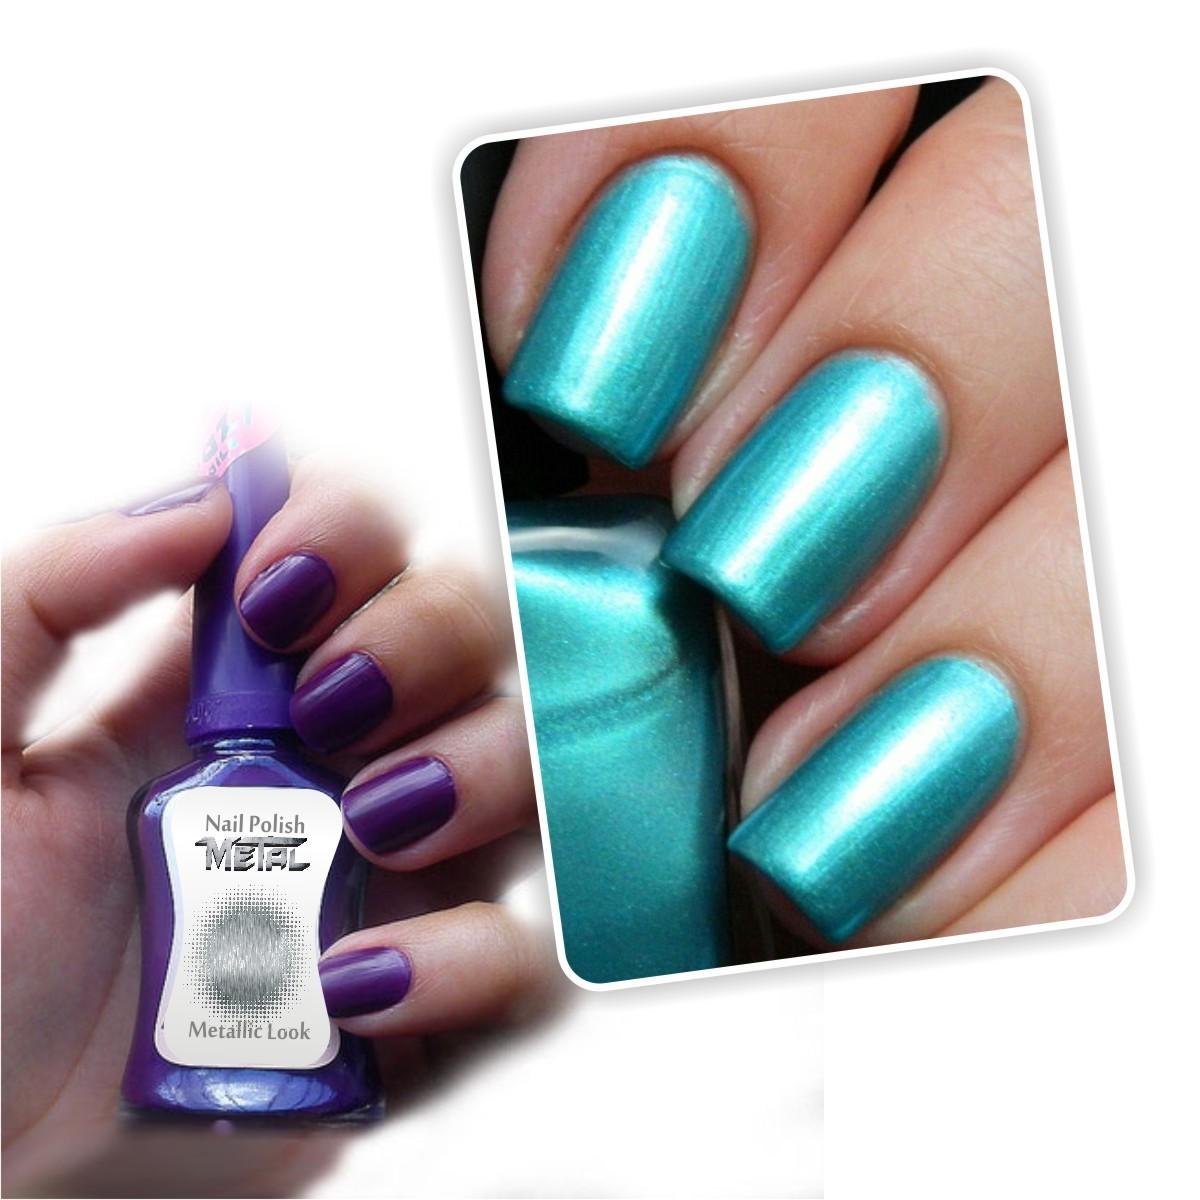 ¡Lleva tus uñas a una nueva dimensión!¿Quieres un toque diferente en tus uñas? Prueba el nuevo Esmalte Gel con acabados metálicos. ¡Lleva tus uñas a una nueva dimensión!¿Quieres un toque diferente en tus uñas? Prueba el nuevo Esmalte Gel con acabados metálicos.